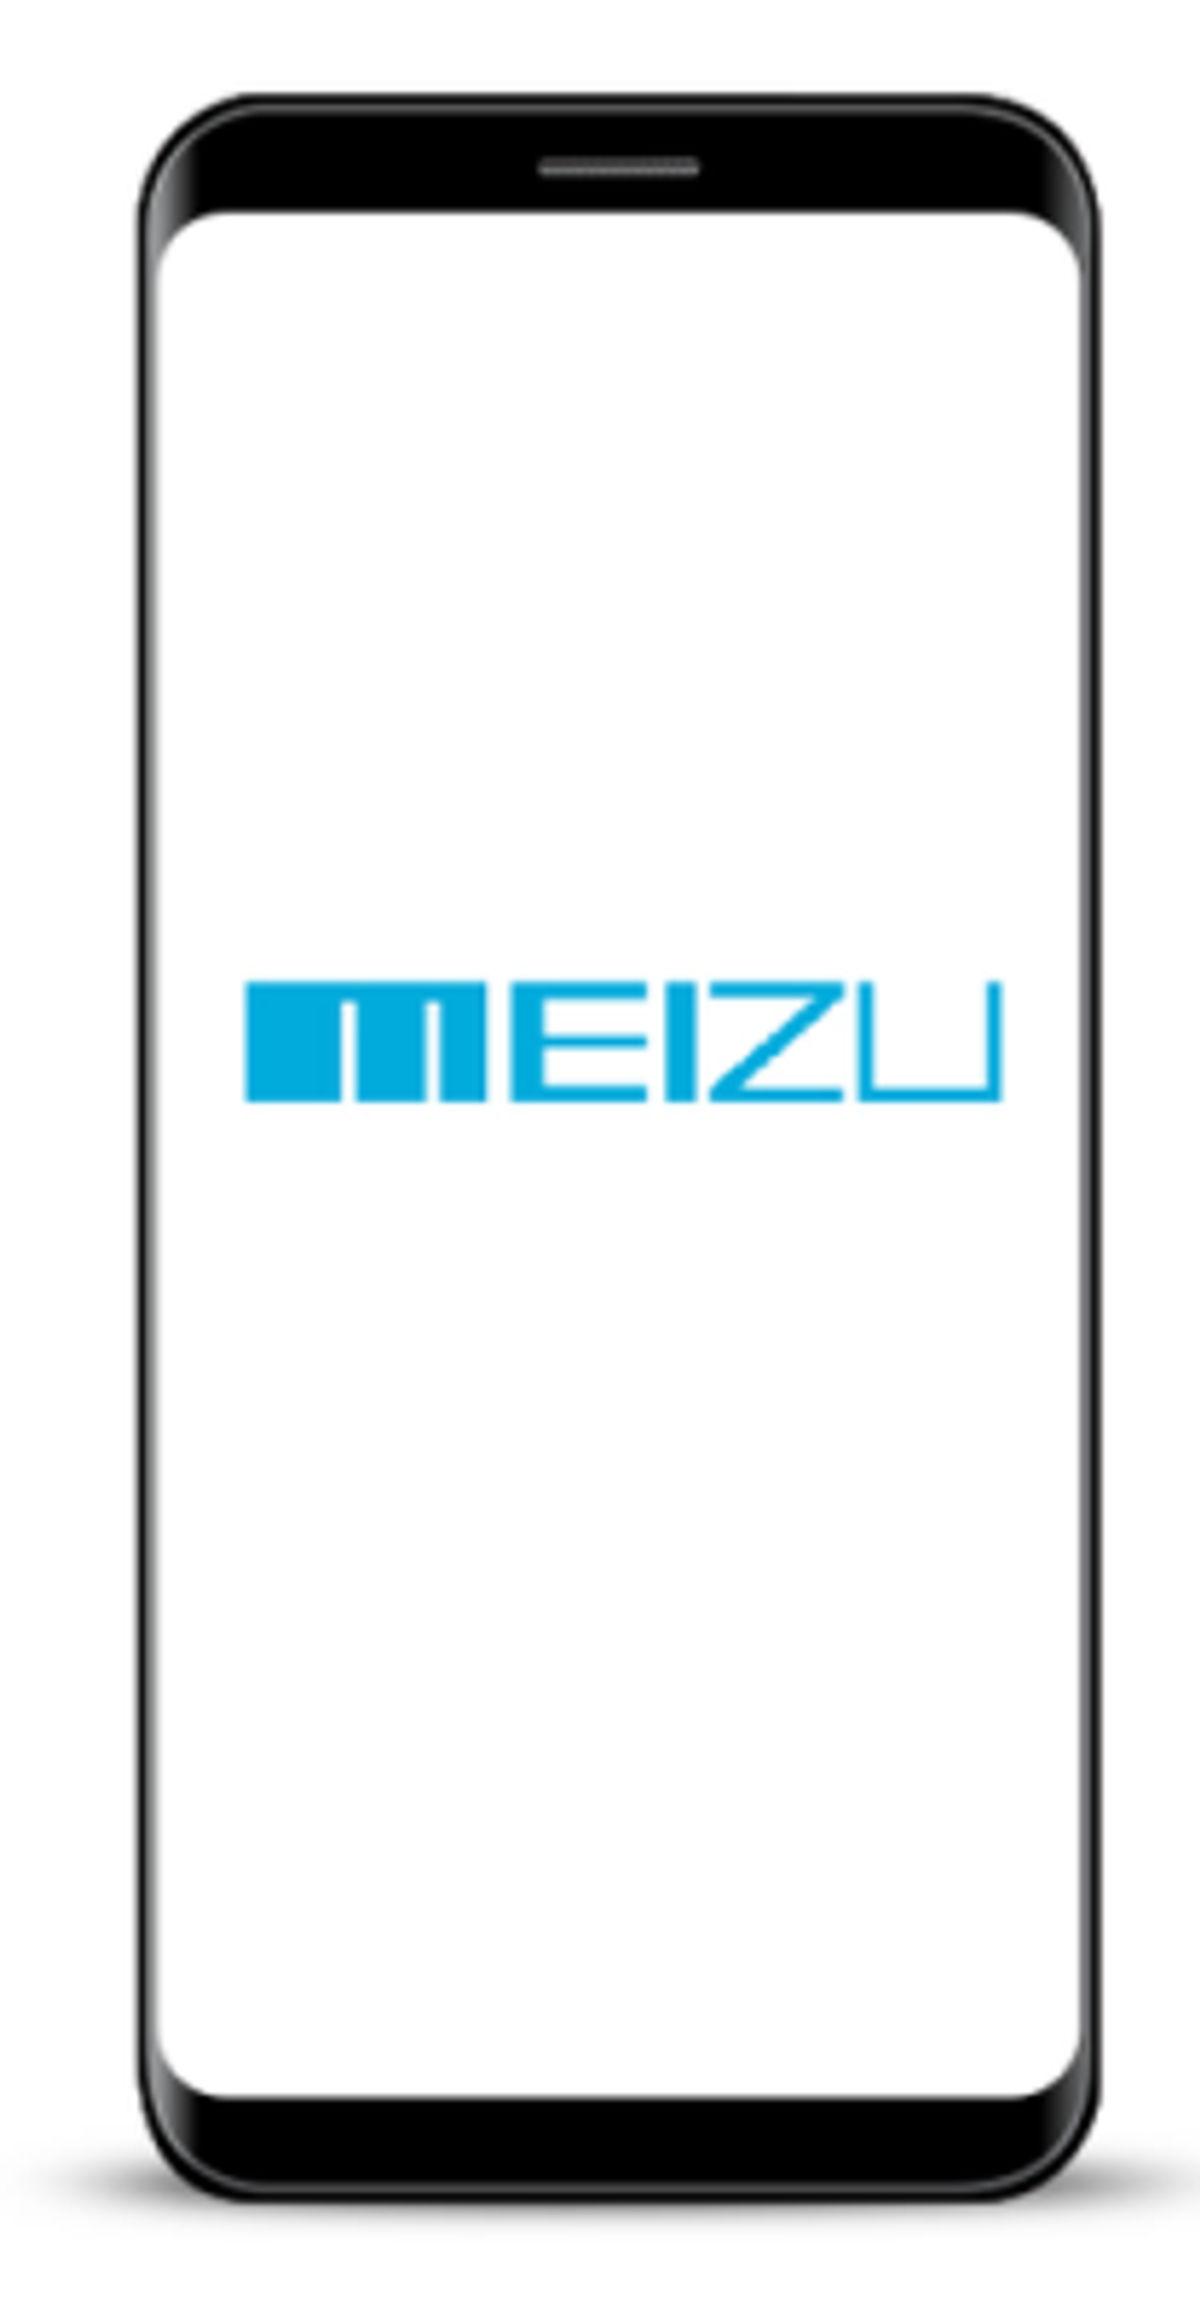 मिज़ू M9 Note